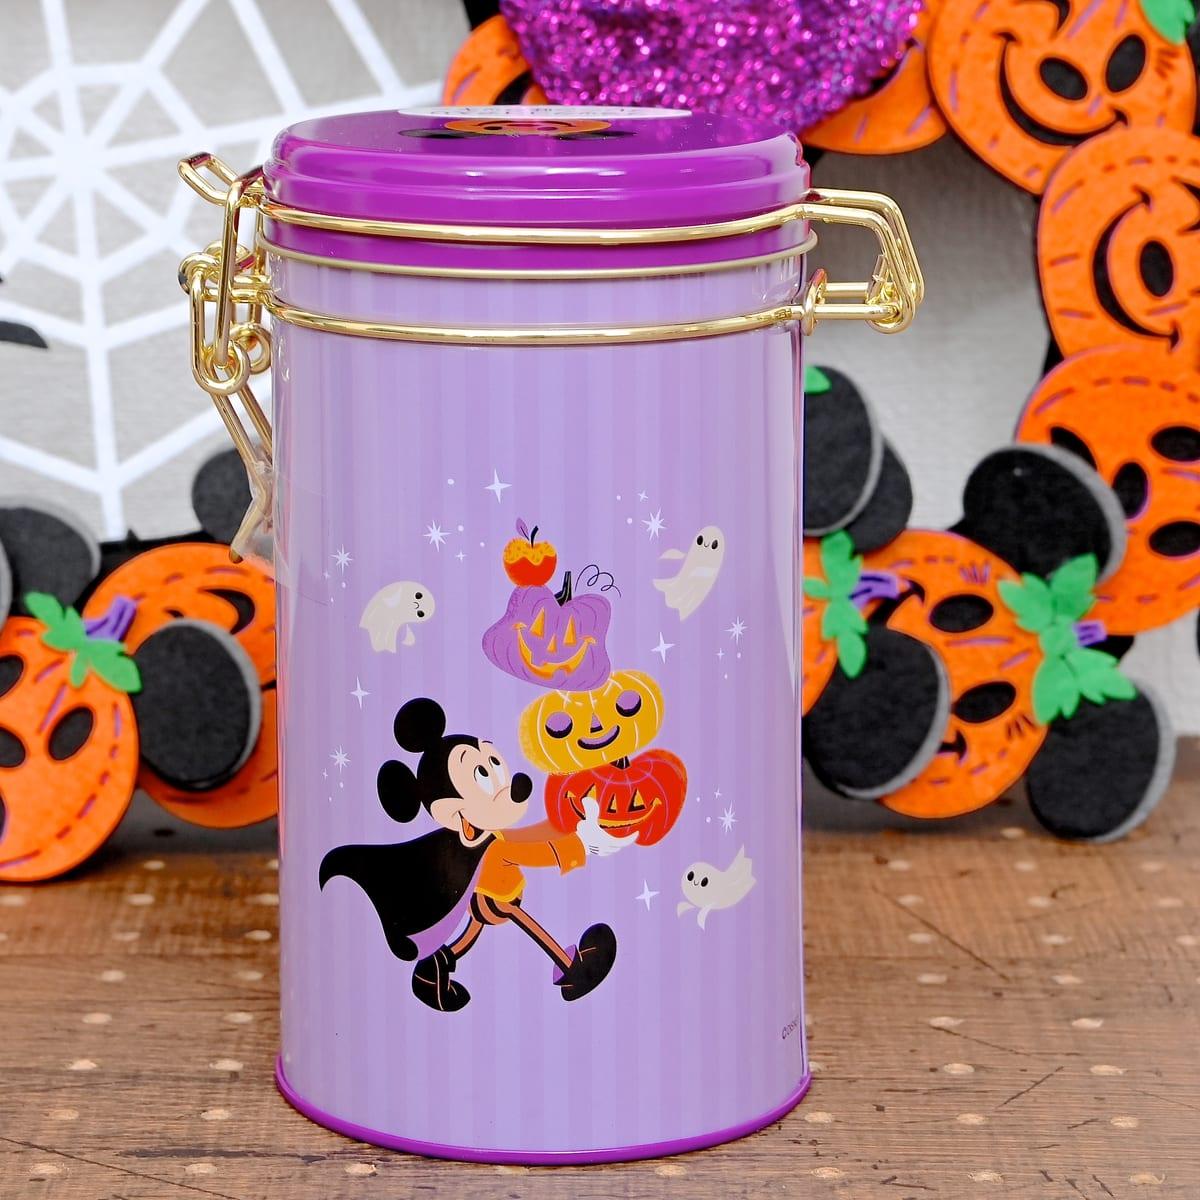 ミッキー&フレンズ クッキー キャニスター缶入り Disney Halloween 2021 バックデザイン